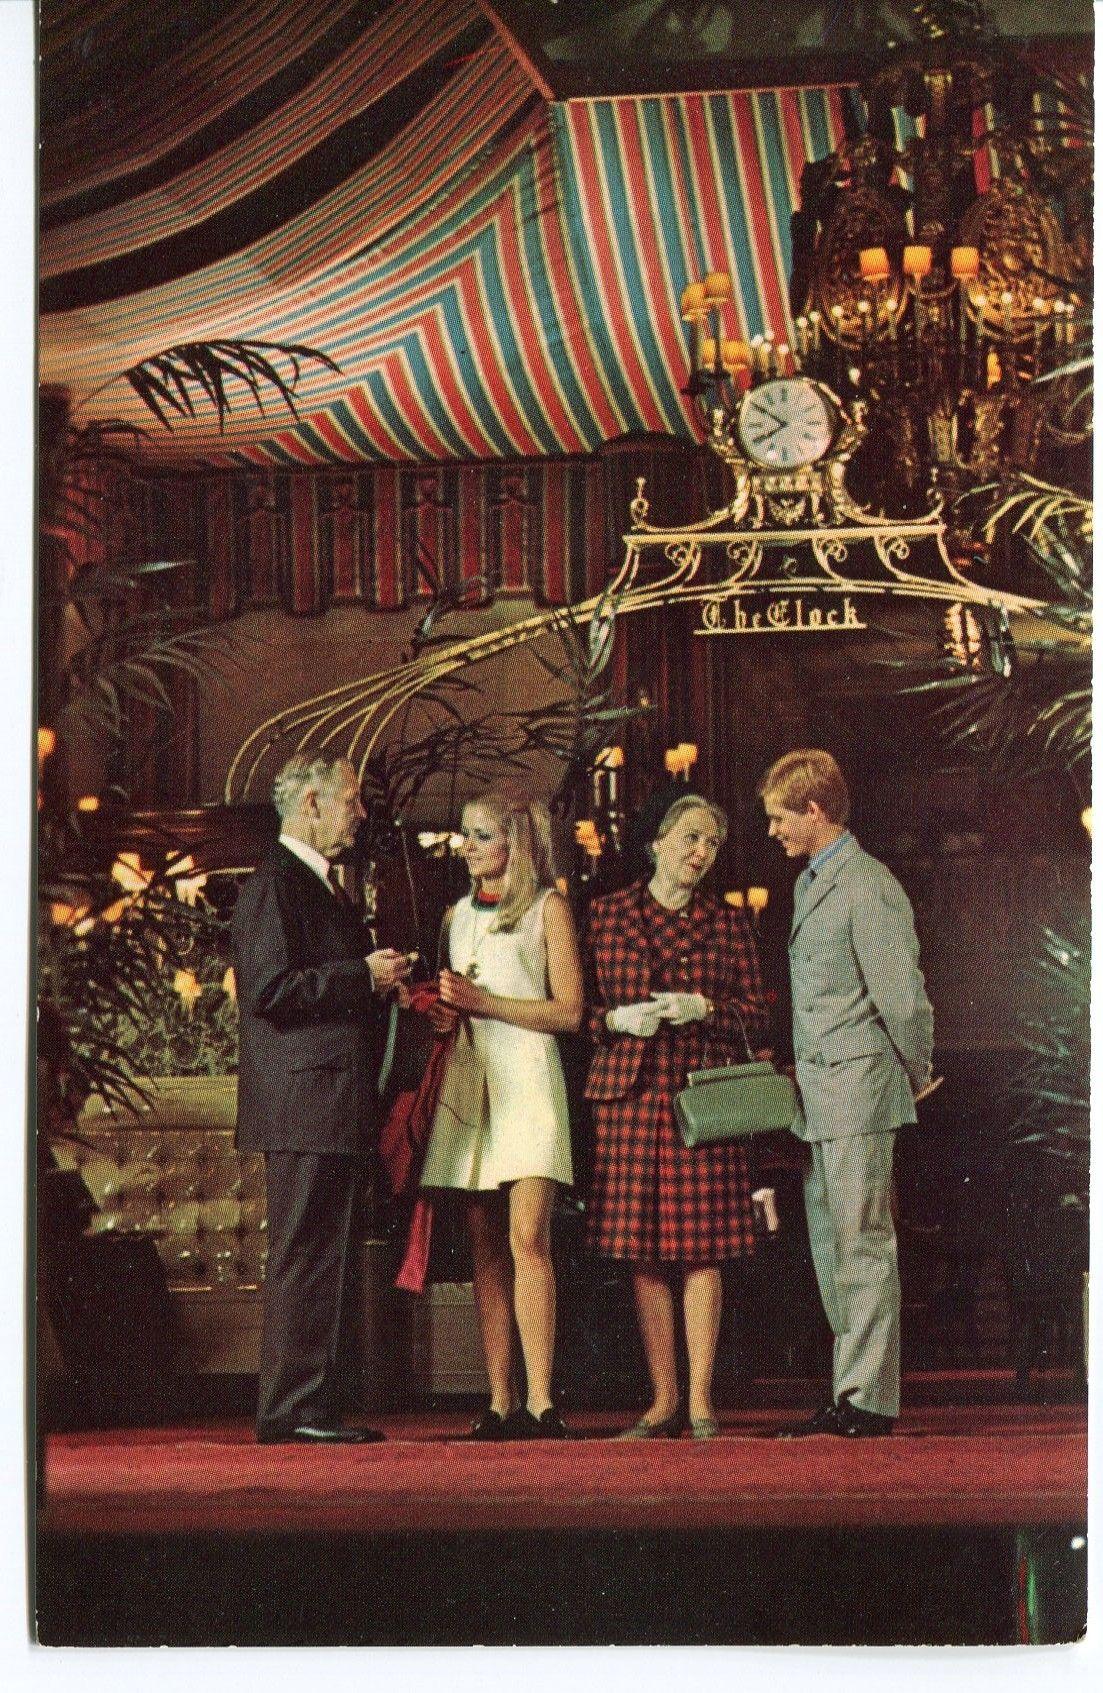 Biltmore Hotel Clock New York City Meet Me Under The Biltmore